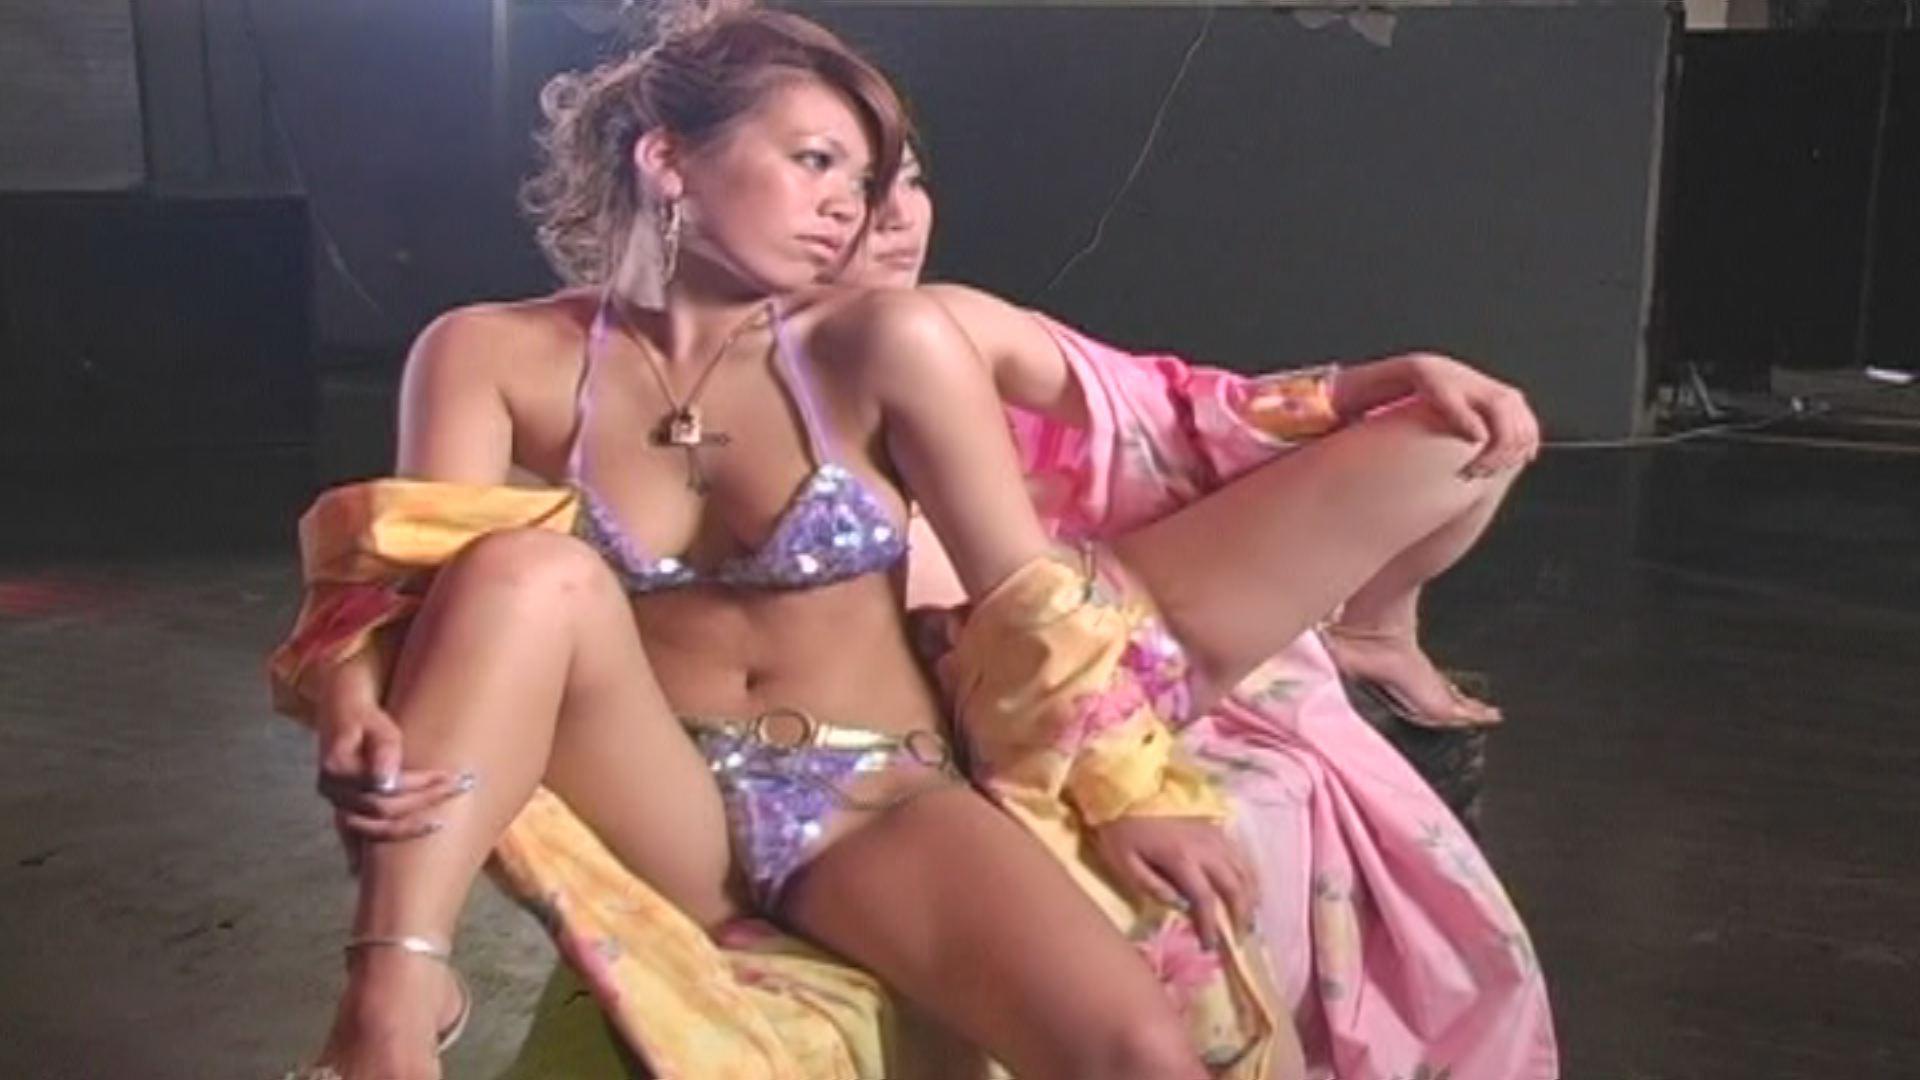 【HD動画】現役モ○ル二人組浴衣&ビキニGAPエロマン毛おっぱいお尻プルップルッダンス